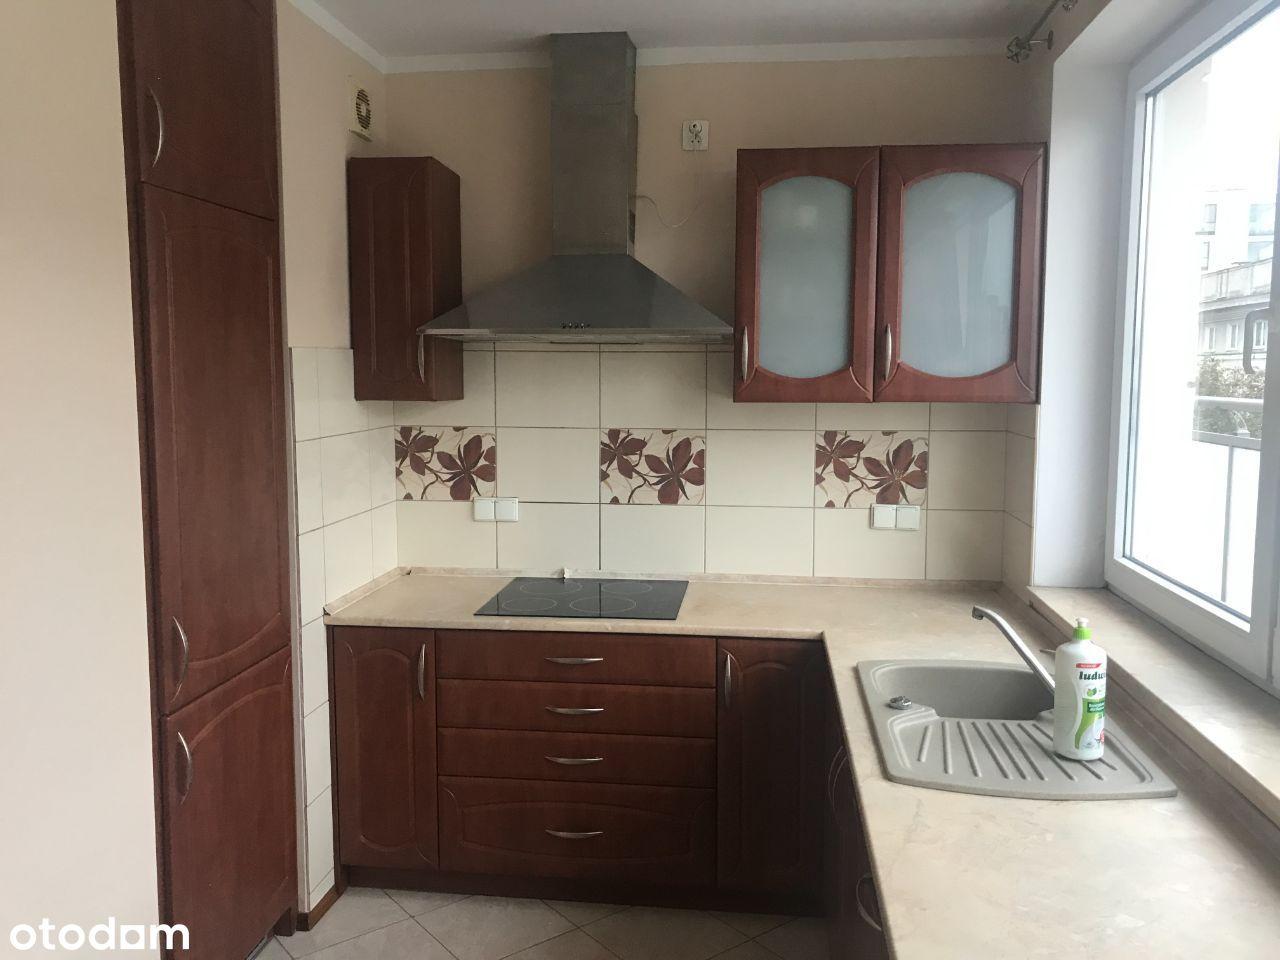 Mieszkanie Muranów 38m2 garaż BEZPOŚREDNIO